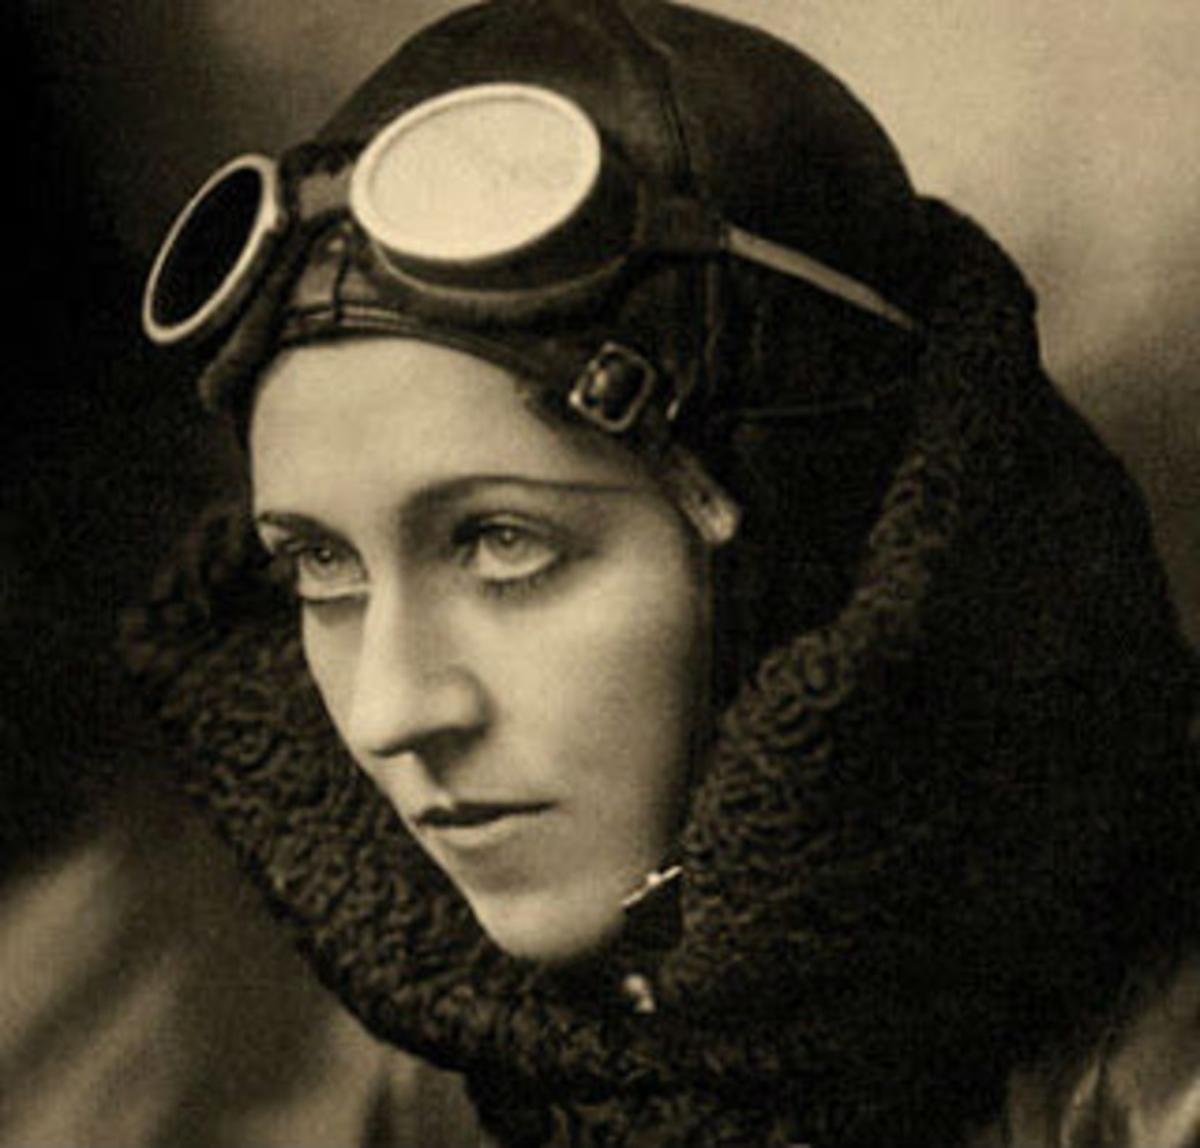 Amy Johnson, pionera de la aviación y piloto durante la segunda guerra mundial.